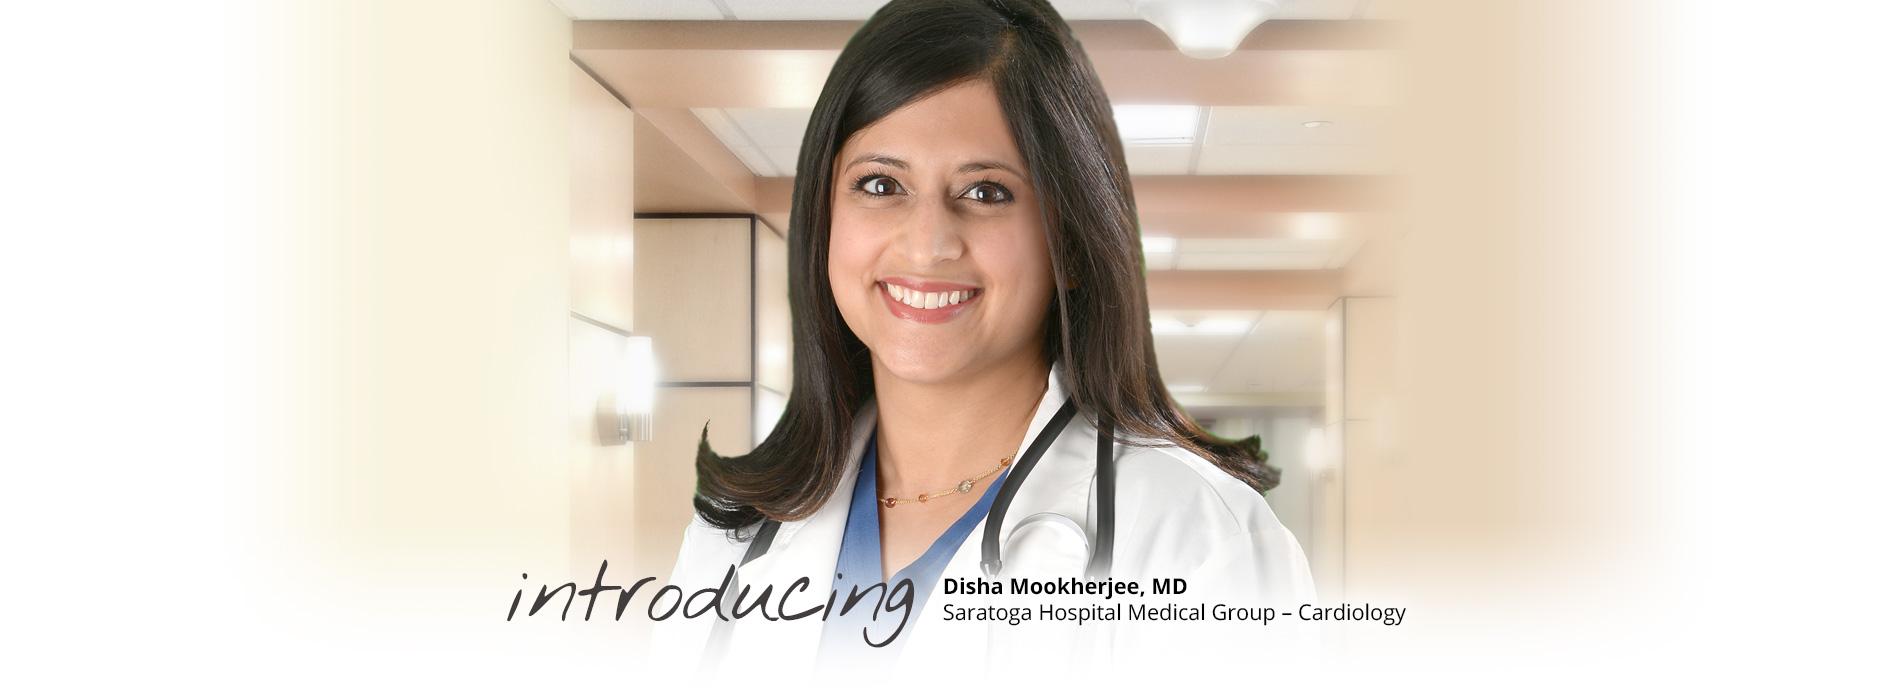 Dr Mookherjee